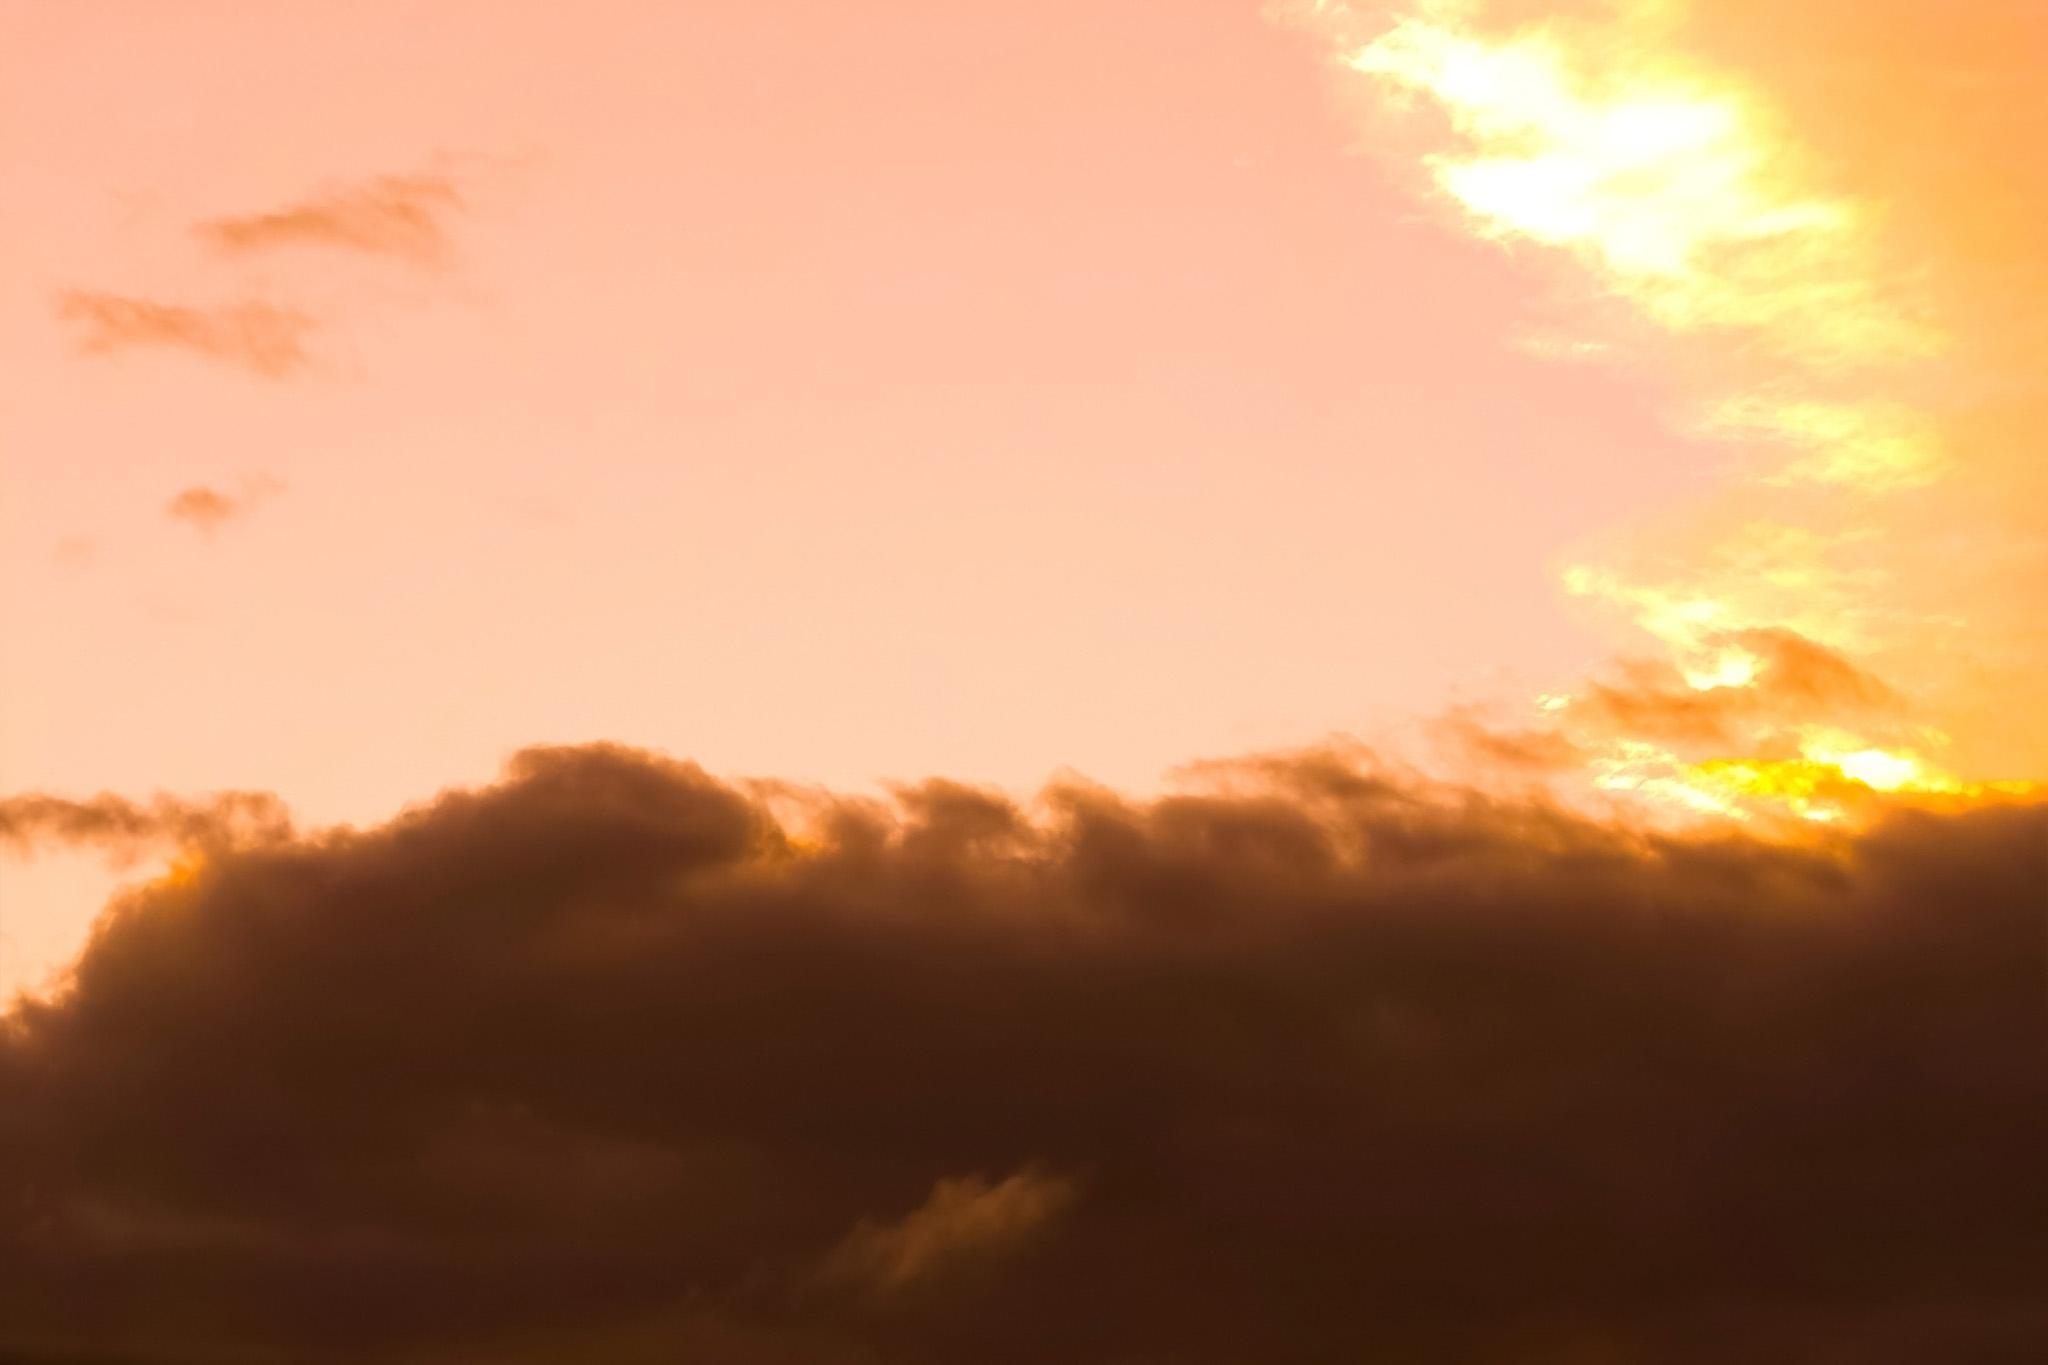 「夕焼けを壁の様に遮る黒雲」